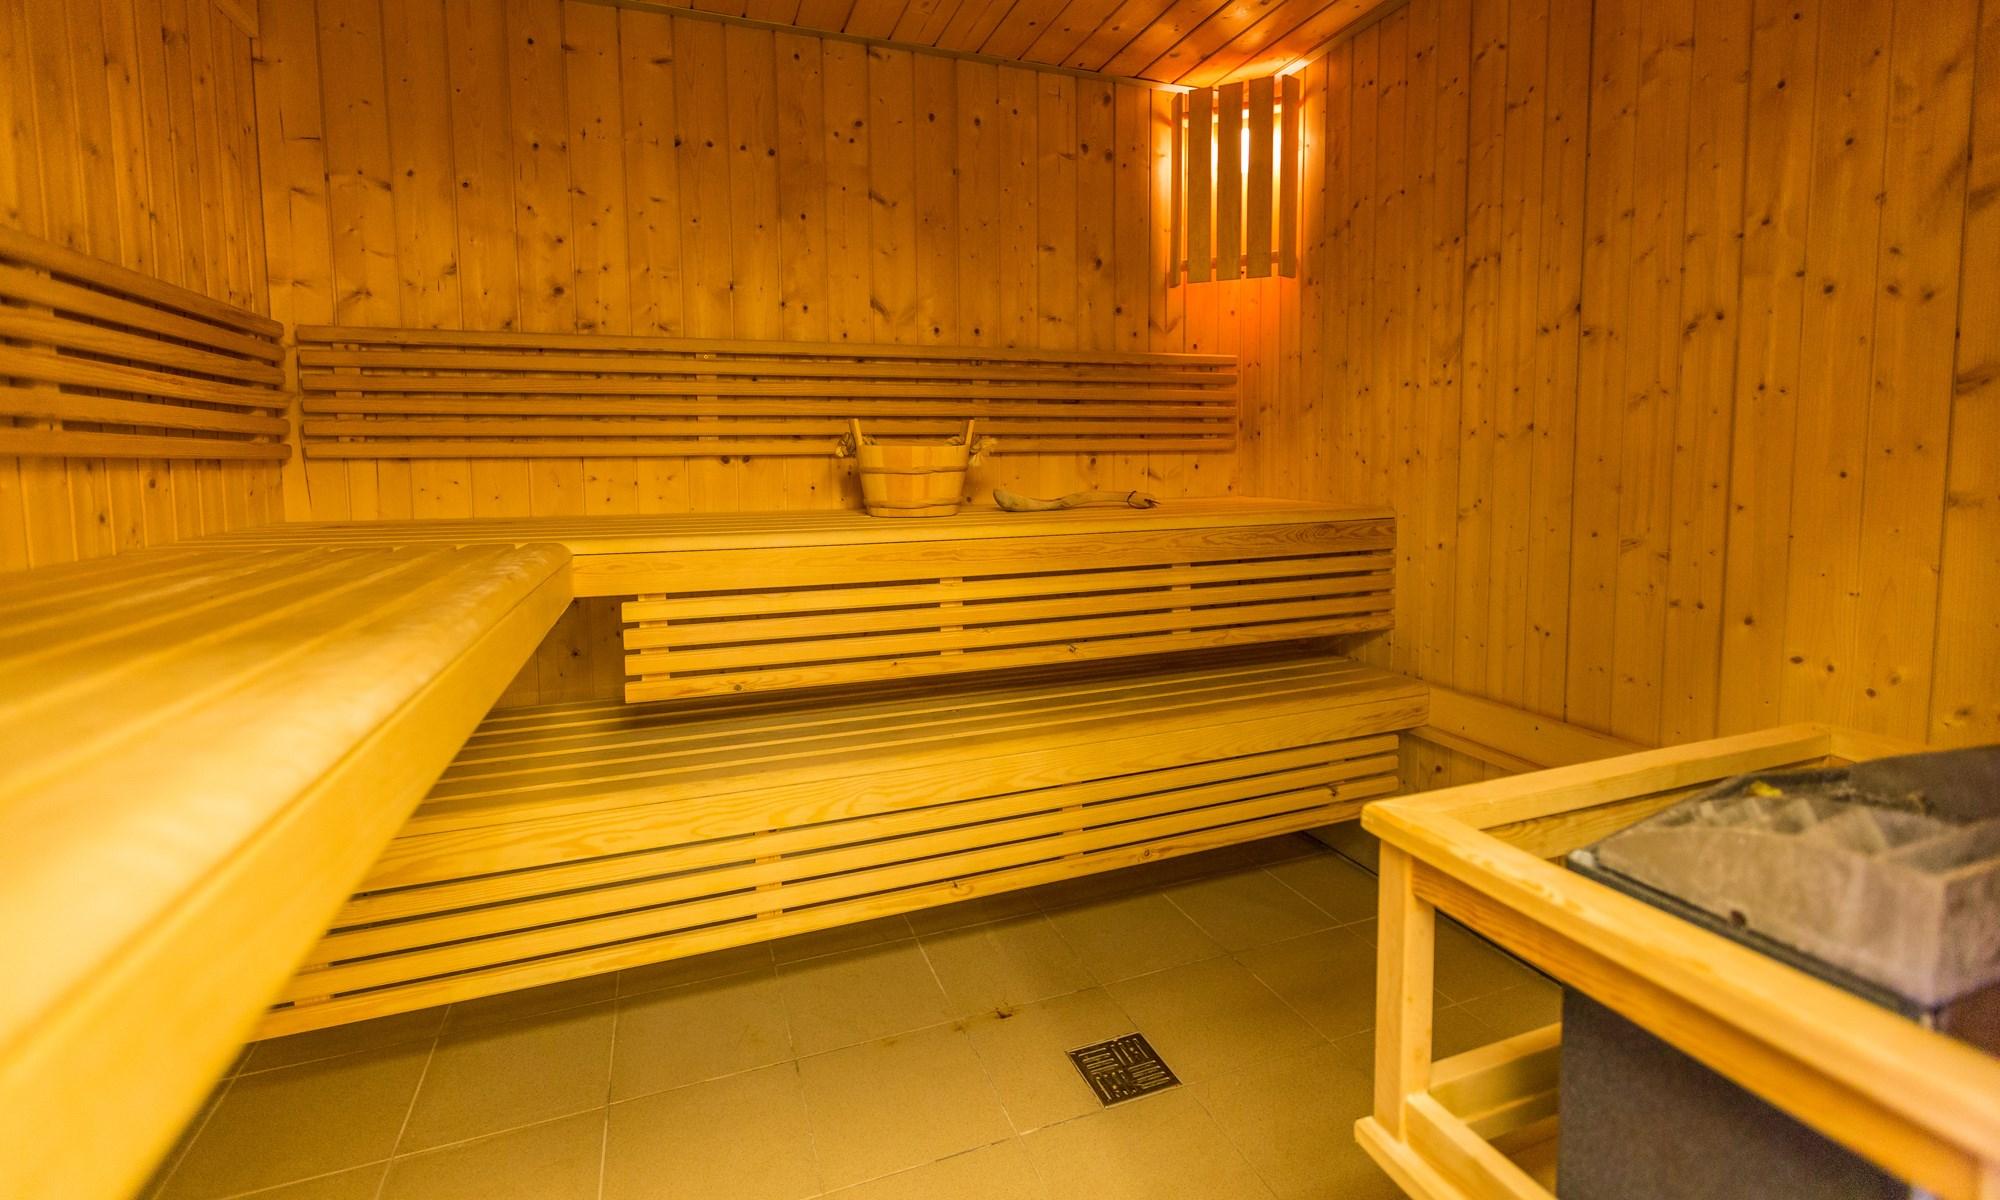 sauna klubber københavn baby model søges